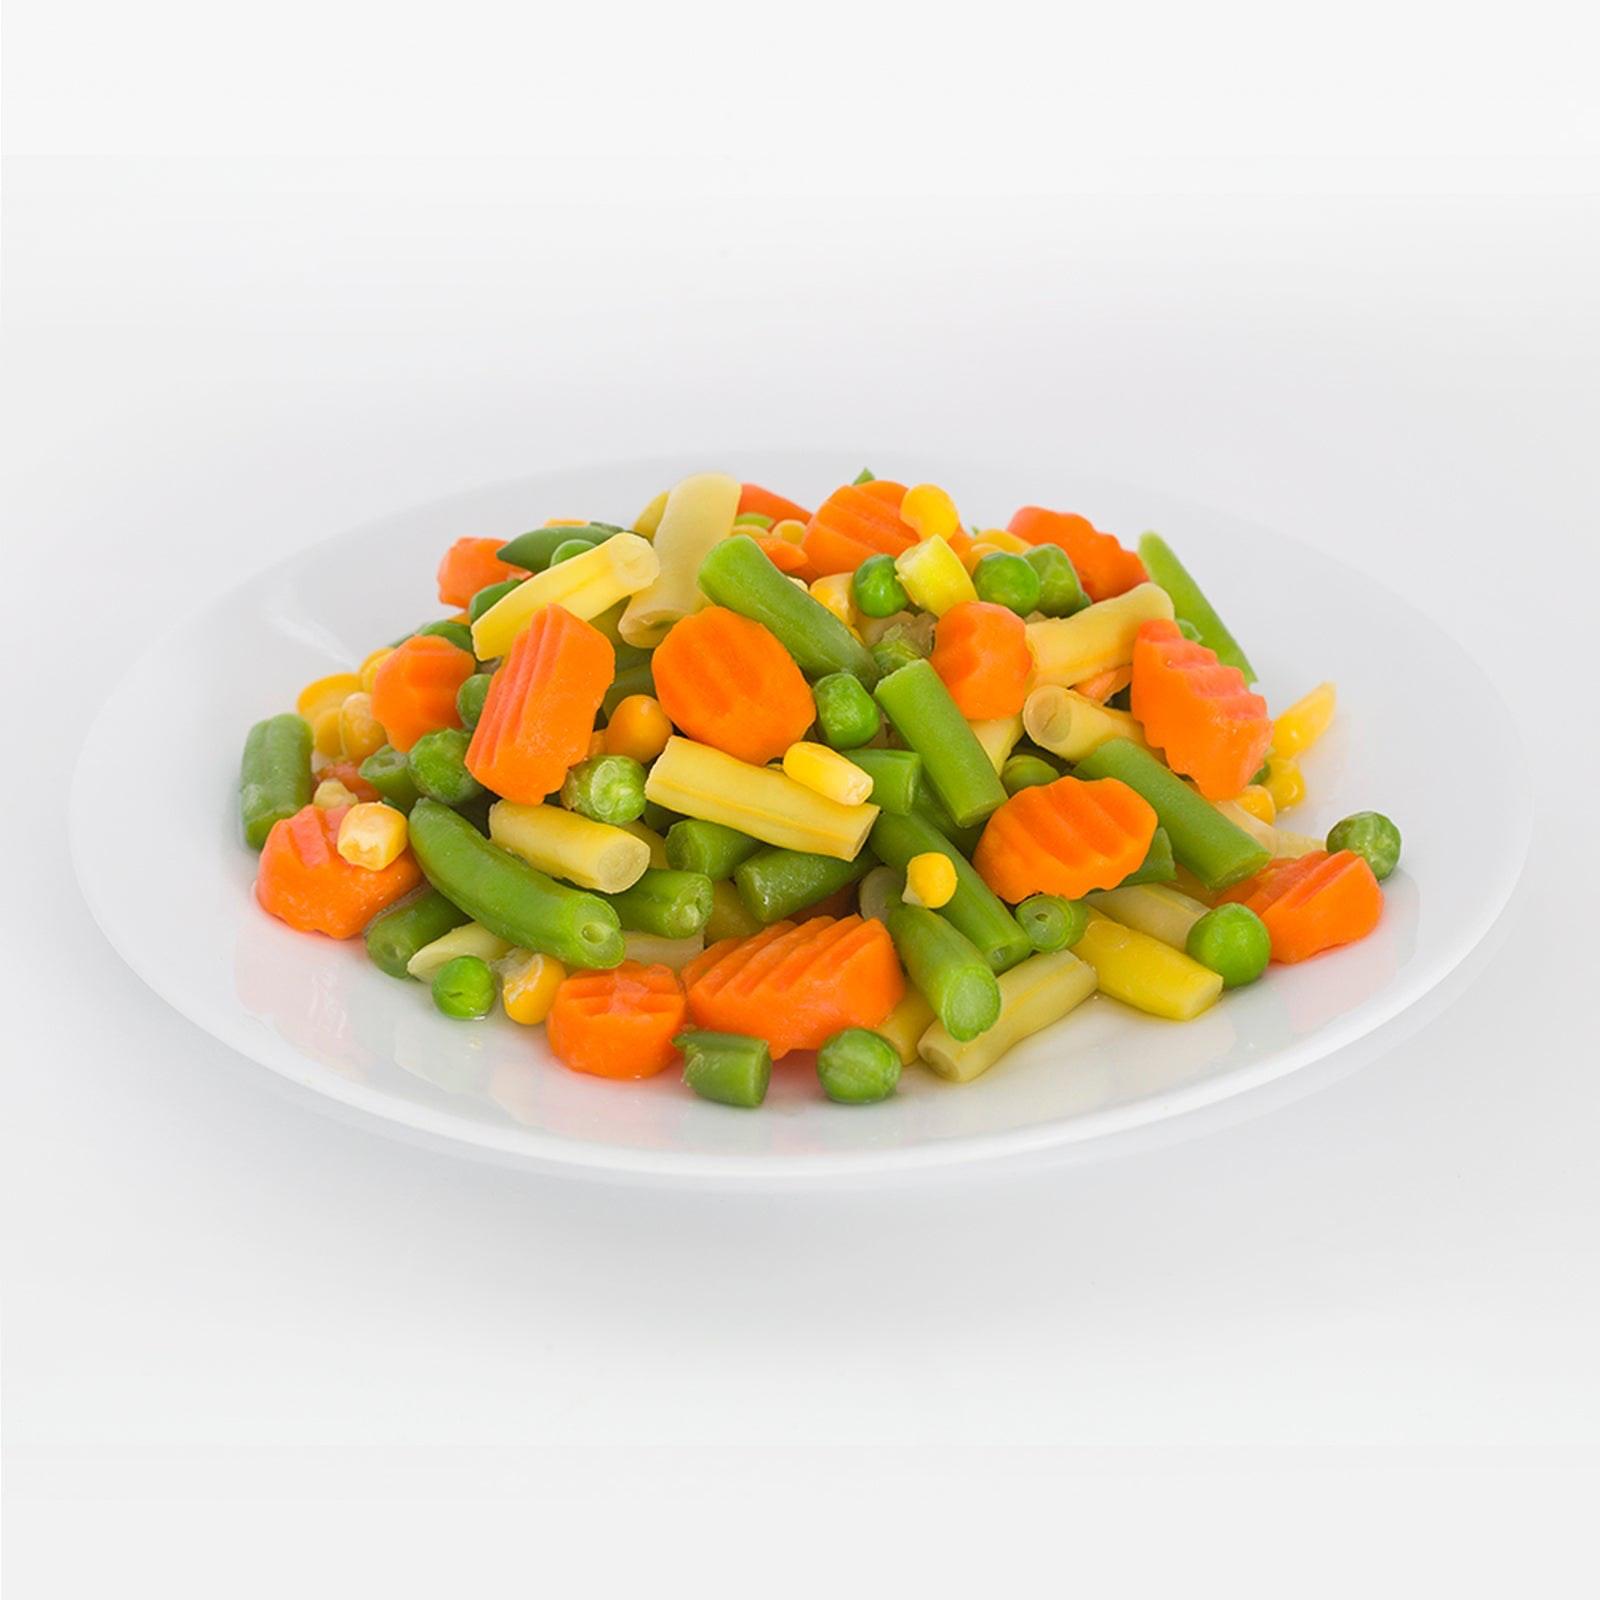 BELOW ZERO 5 way mixed vegetables